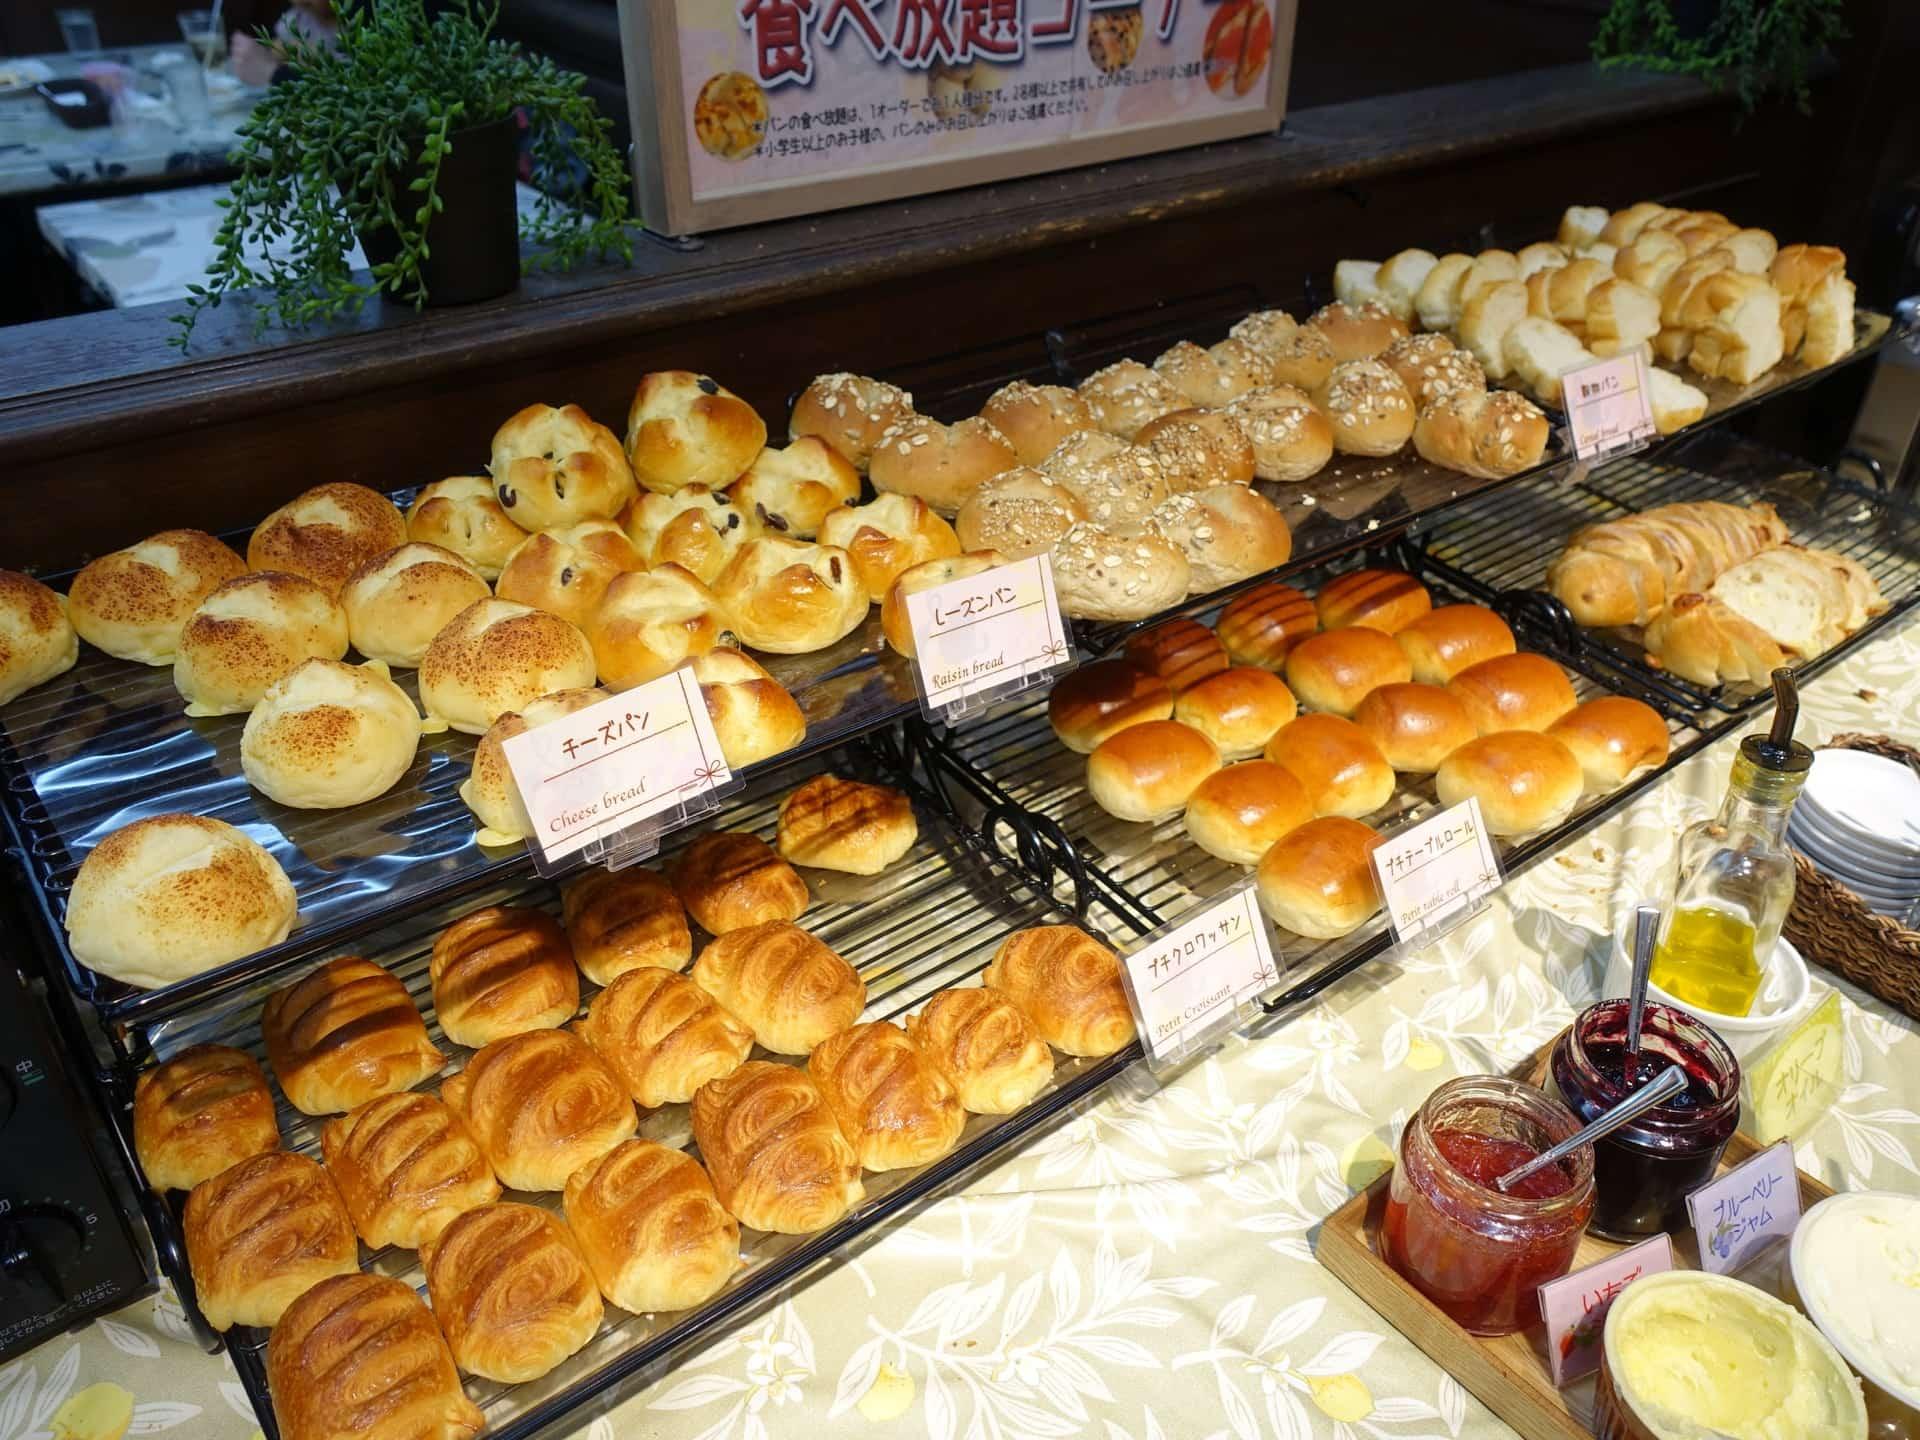 ペペオリオ − カスカードのパン食べ放題付き!16時までOKの880円ランチ。三宮ビブレのあのパスタ屋さん